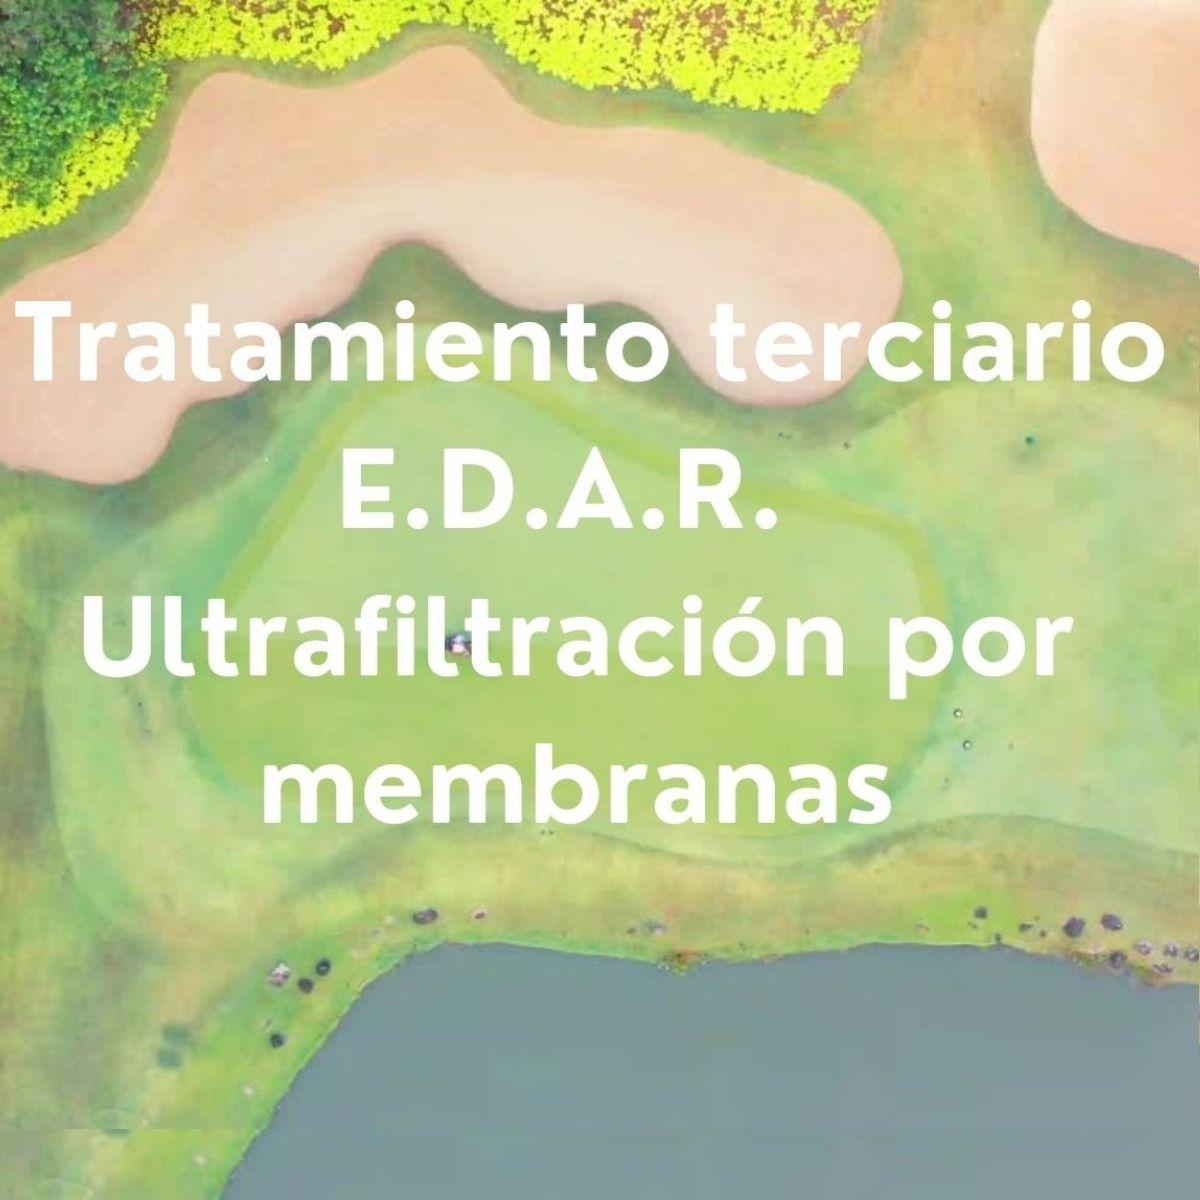 Ultrafiltración por membranas